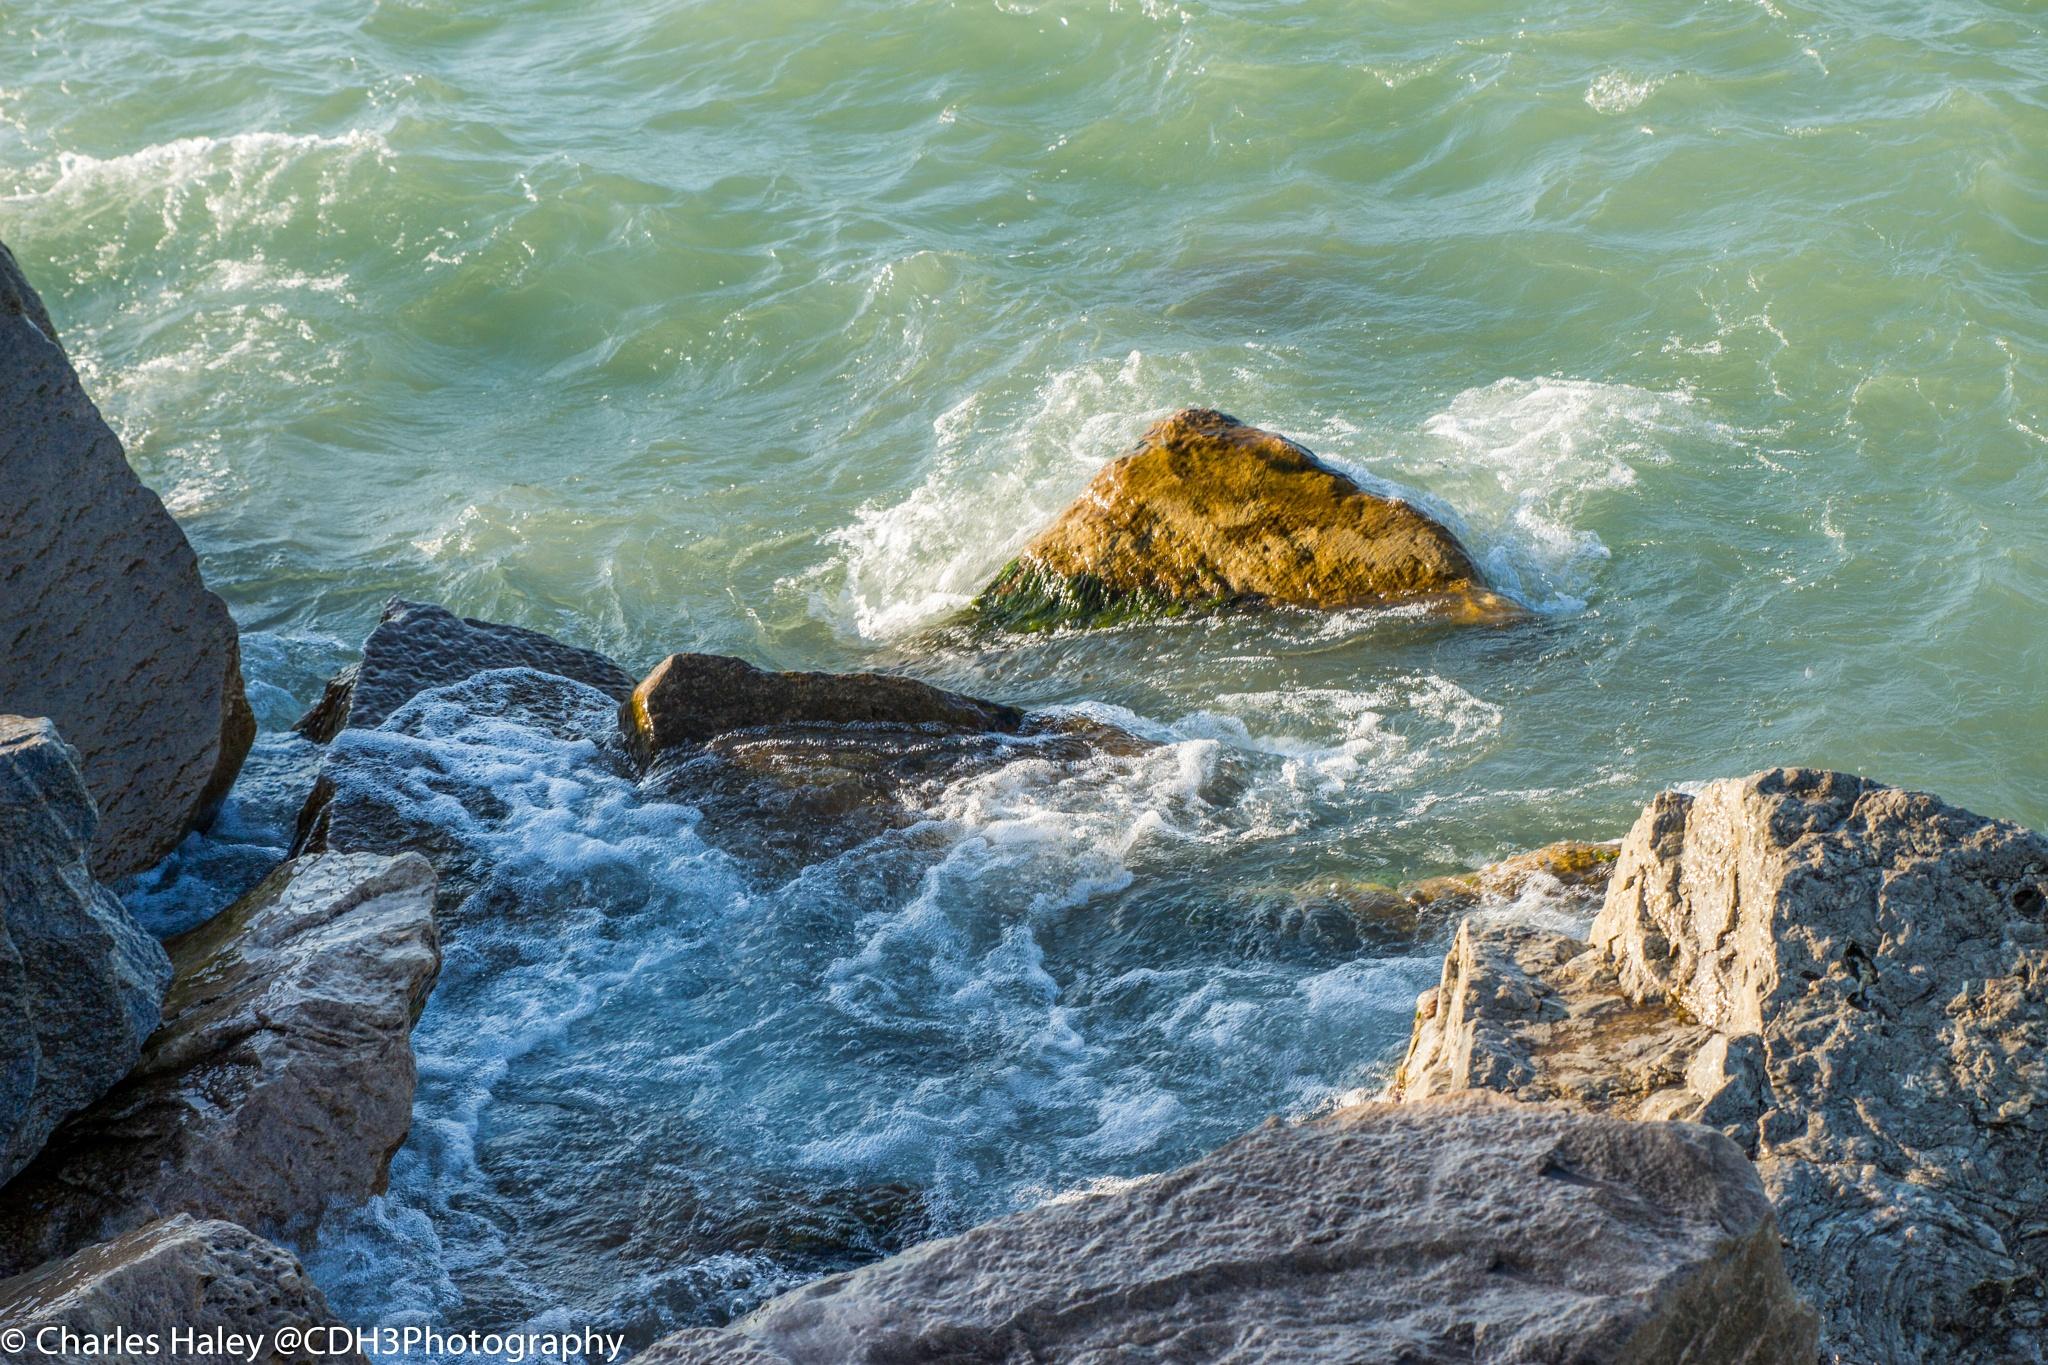 Beautiful Rocks near Lake Michigan by CDH3Photography